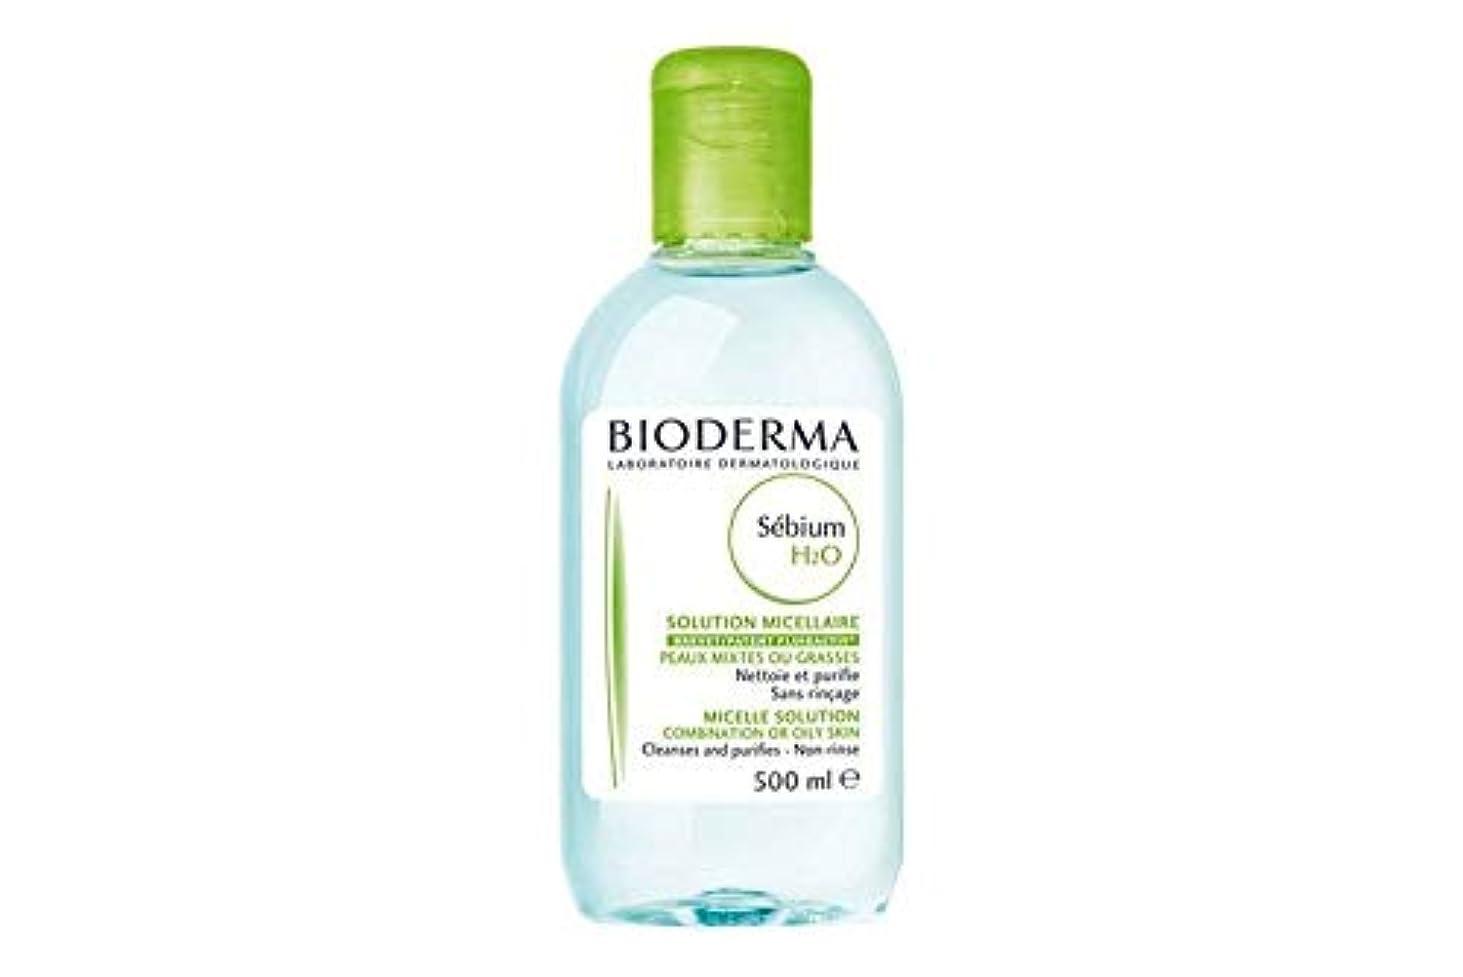 ベリの間にるビオデルマ セビウム H2O (エイチ ツーオー) D 500mL(BIODERMA)